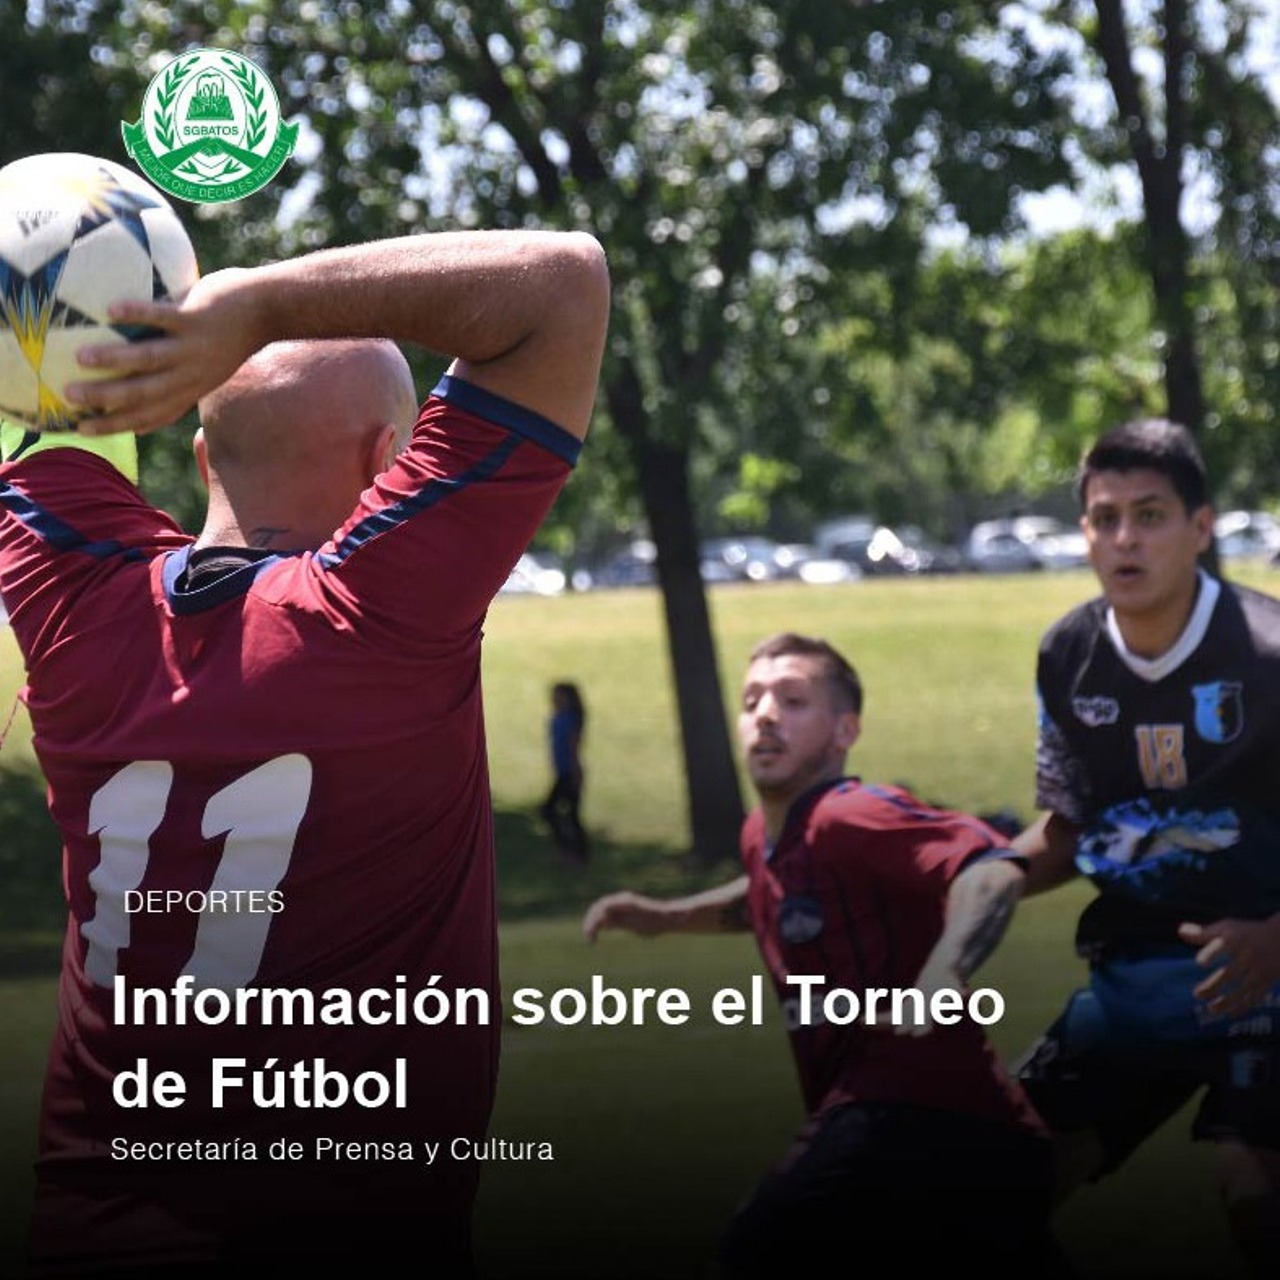 Información sobre el Torneo de Fútbol